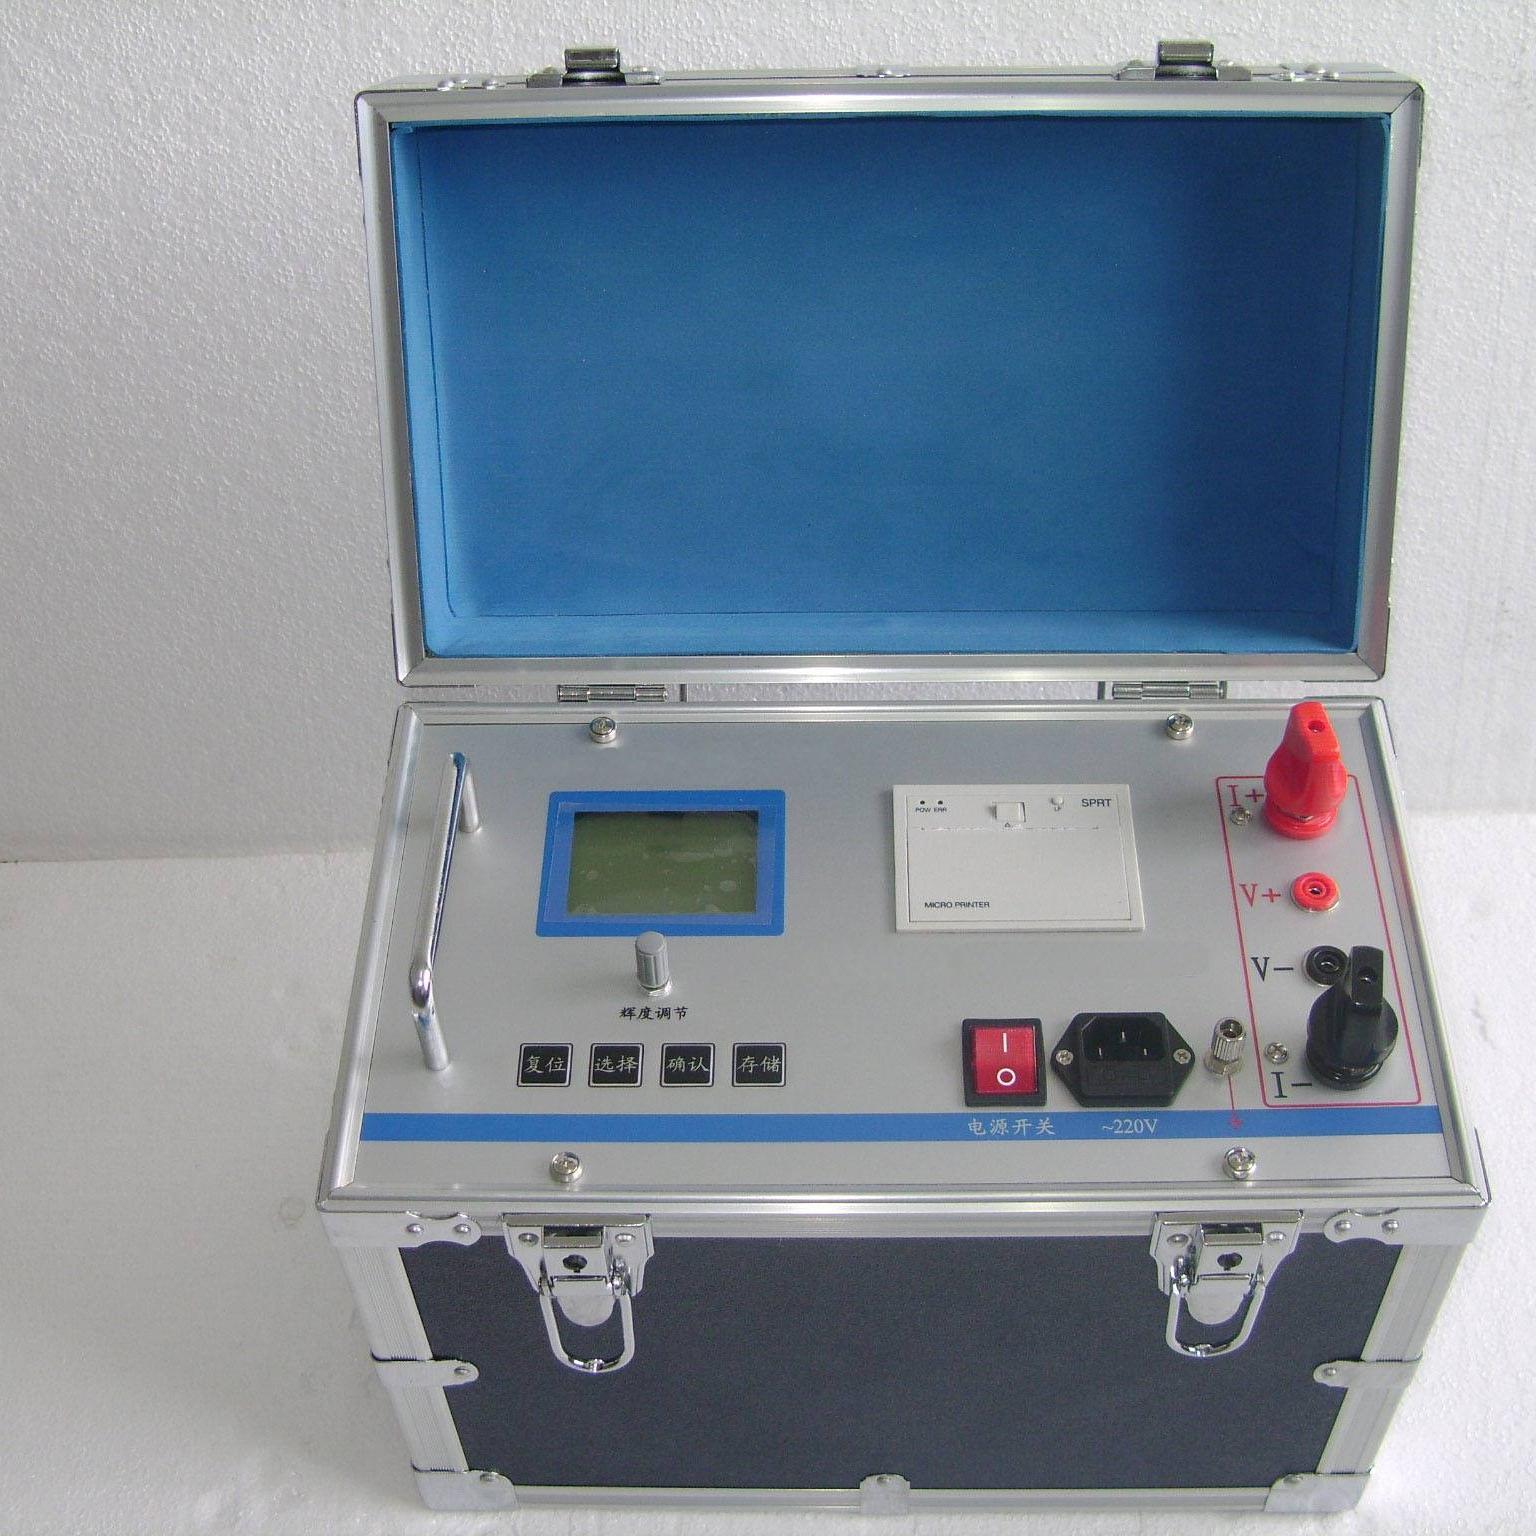 接地成组电阻测试仪生产厂家